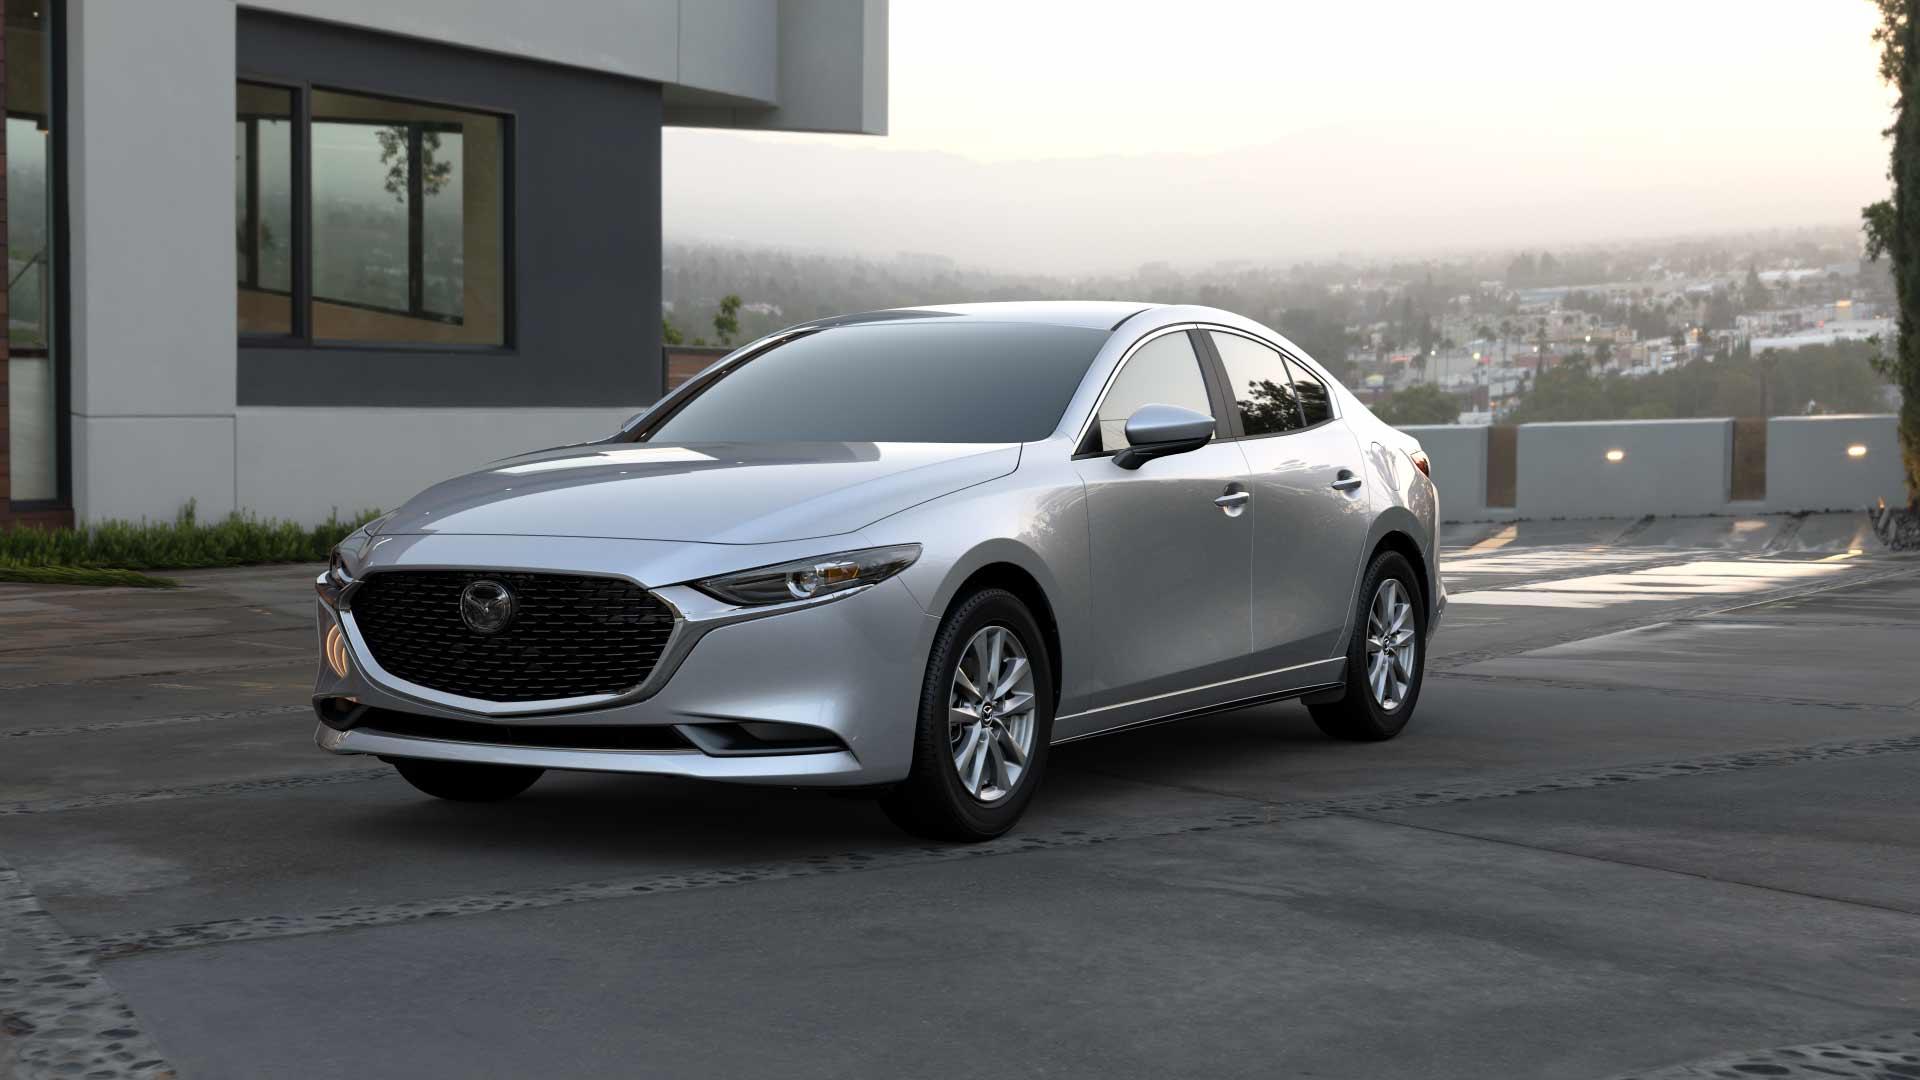 Mazda 2021 3: Sedan – Premium AWD - Auto compacto | Mazda USA